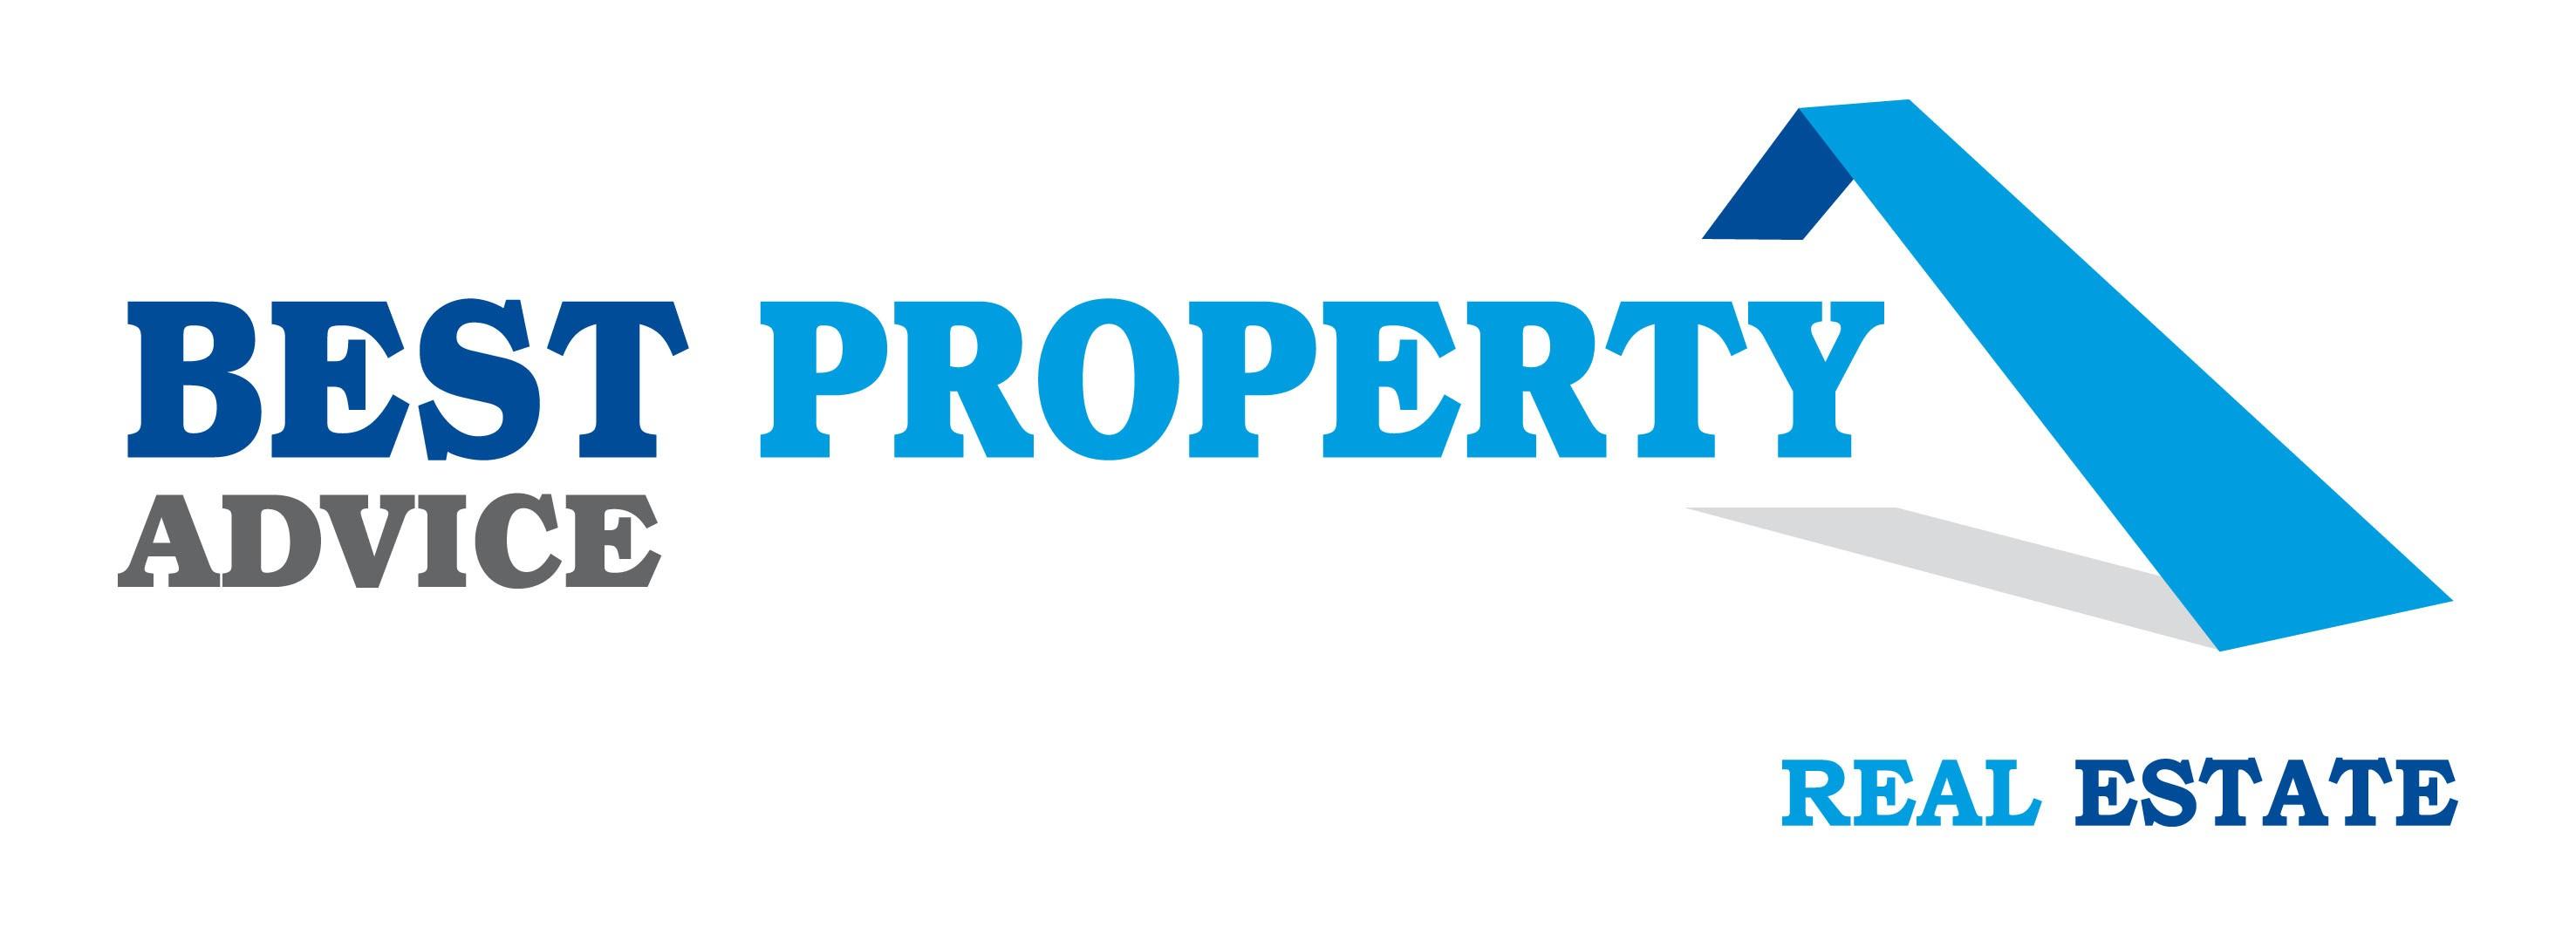 BEST PROPERTY ADVICE logo